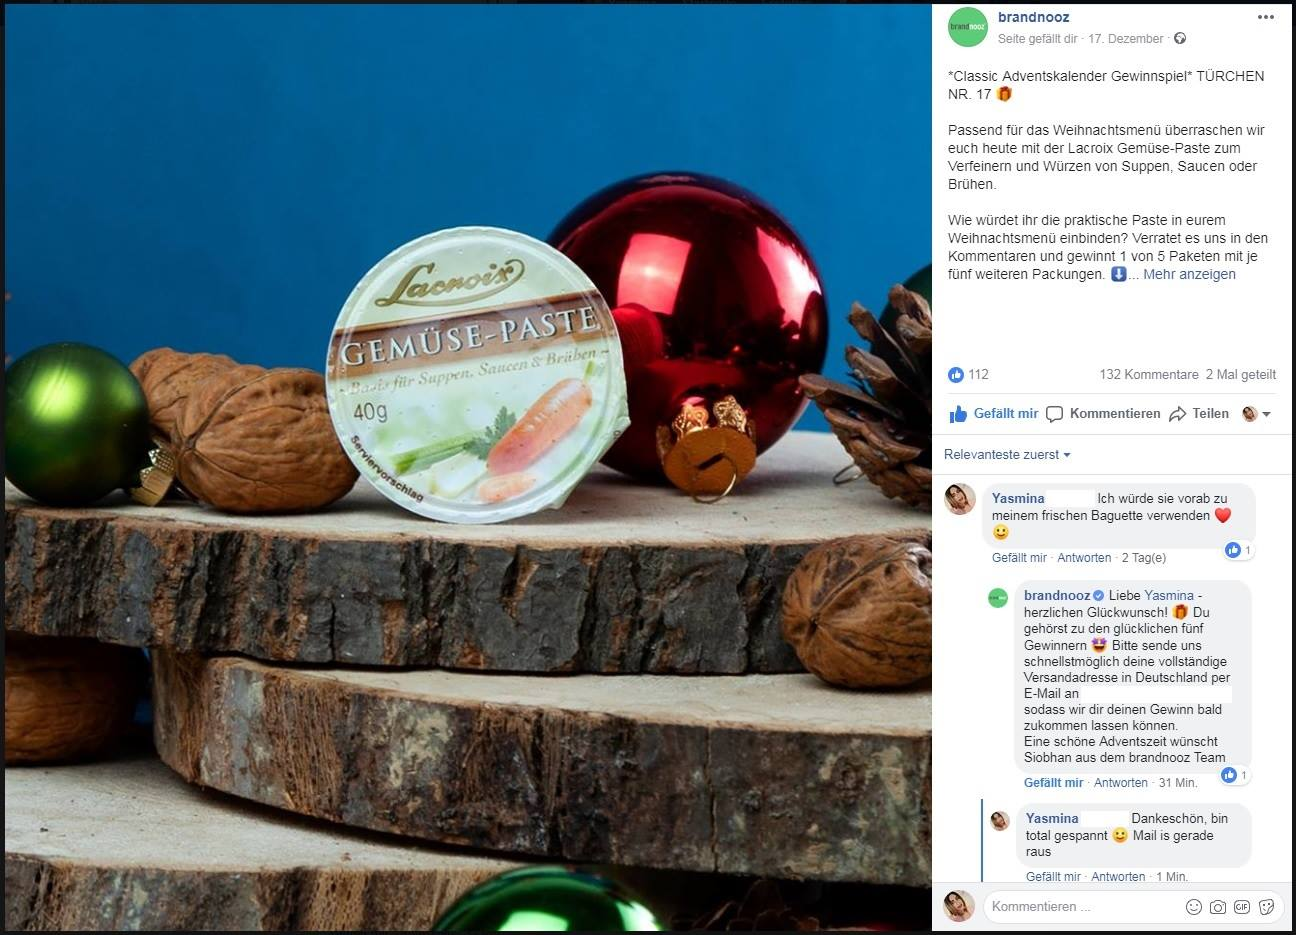 Gewinn Weihnachtskalender.Rosa Wölkchen Brandnooz Adventskalender Gewinn Für Suppen